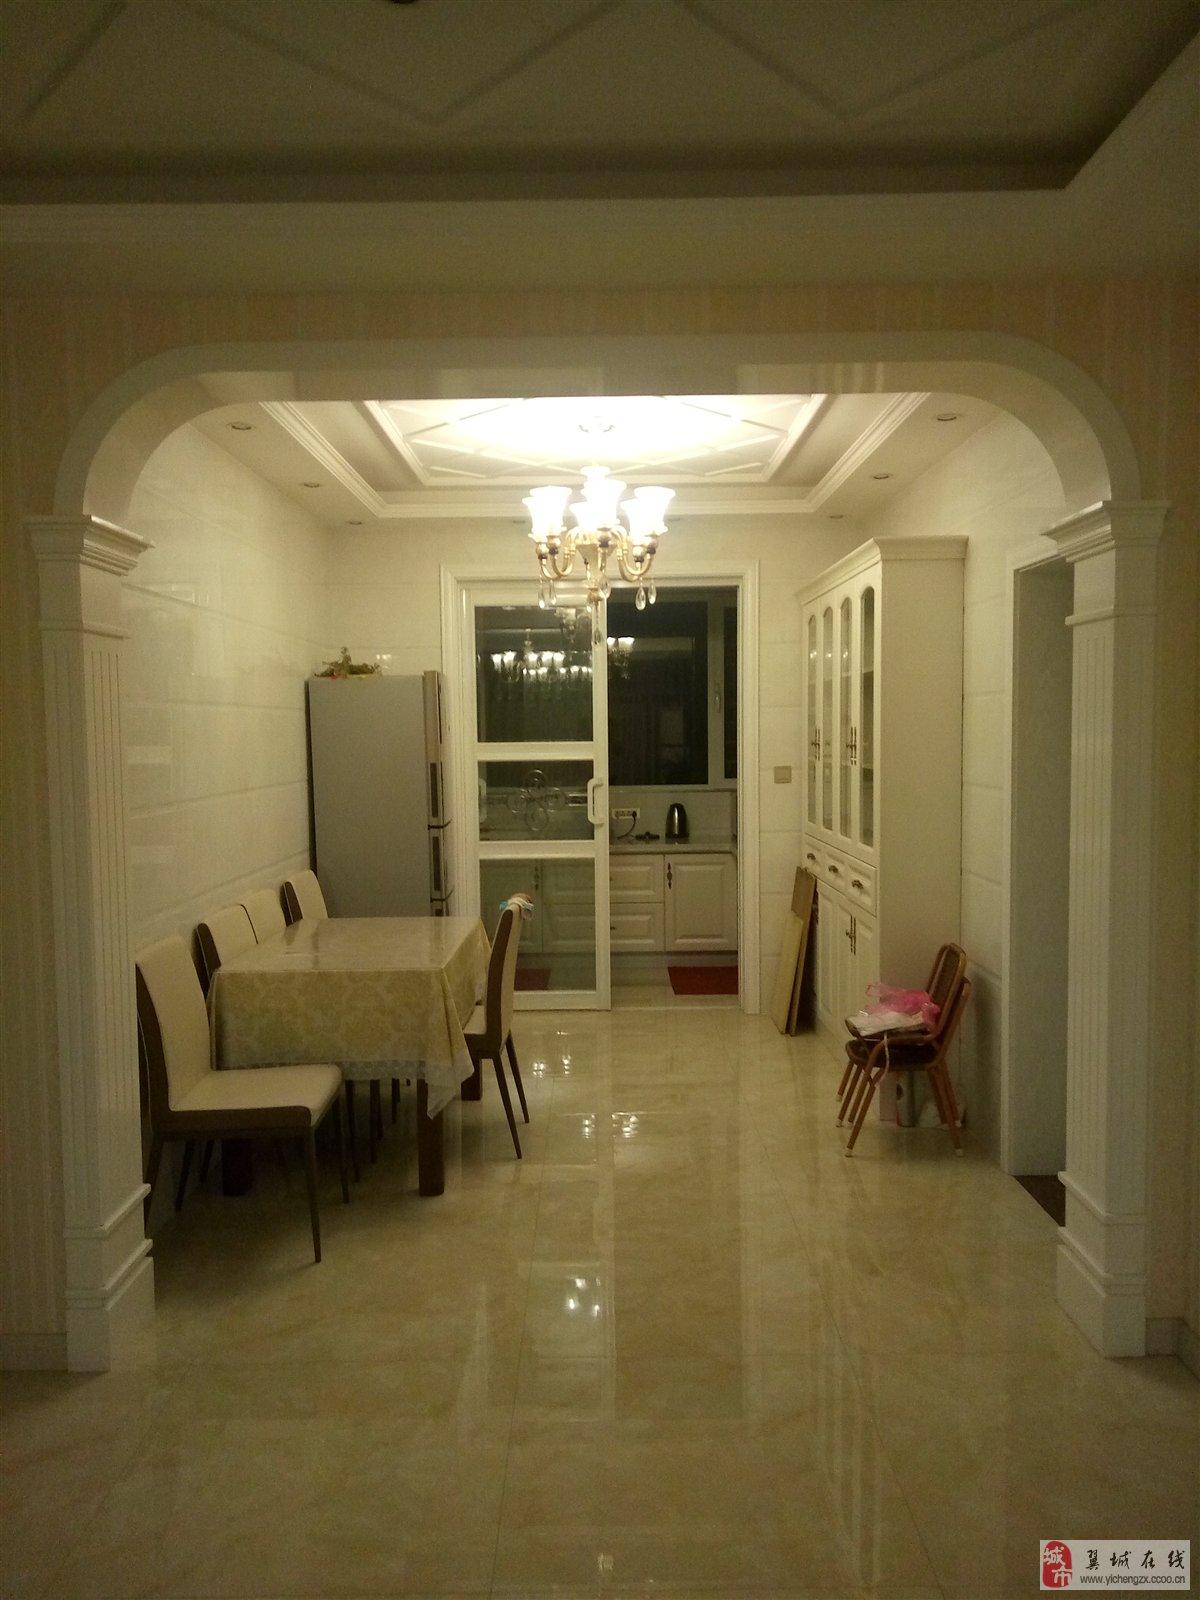 家居 起居室 设计 装修 1200_1600 竖版 竖屏